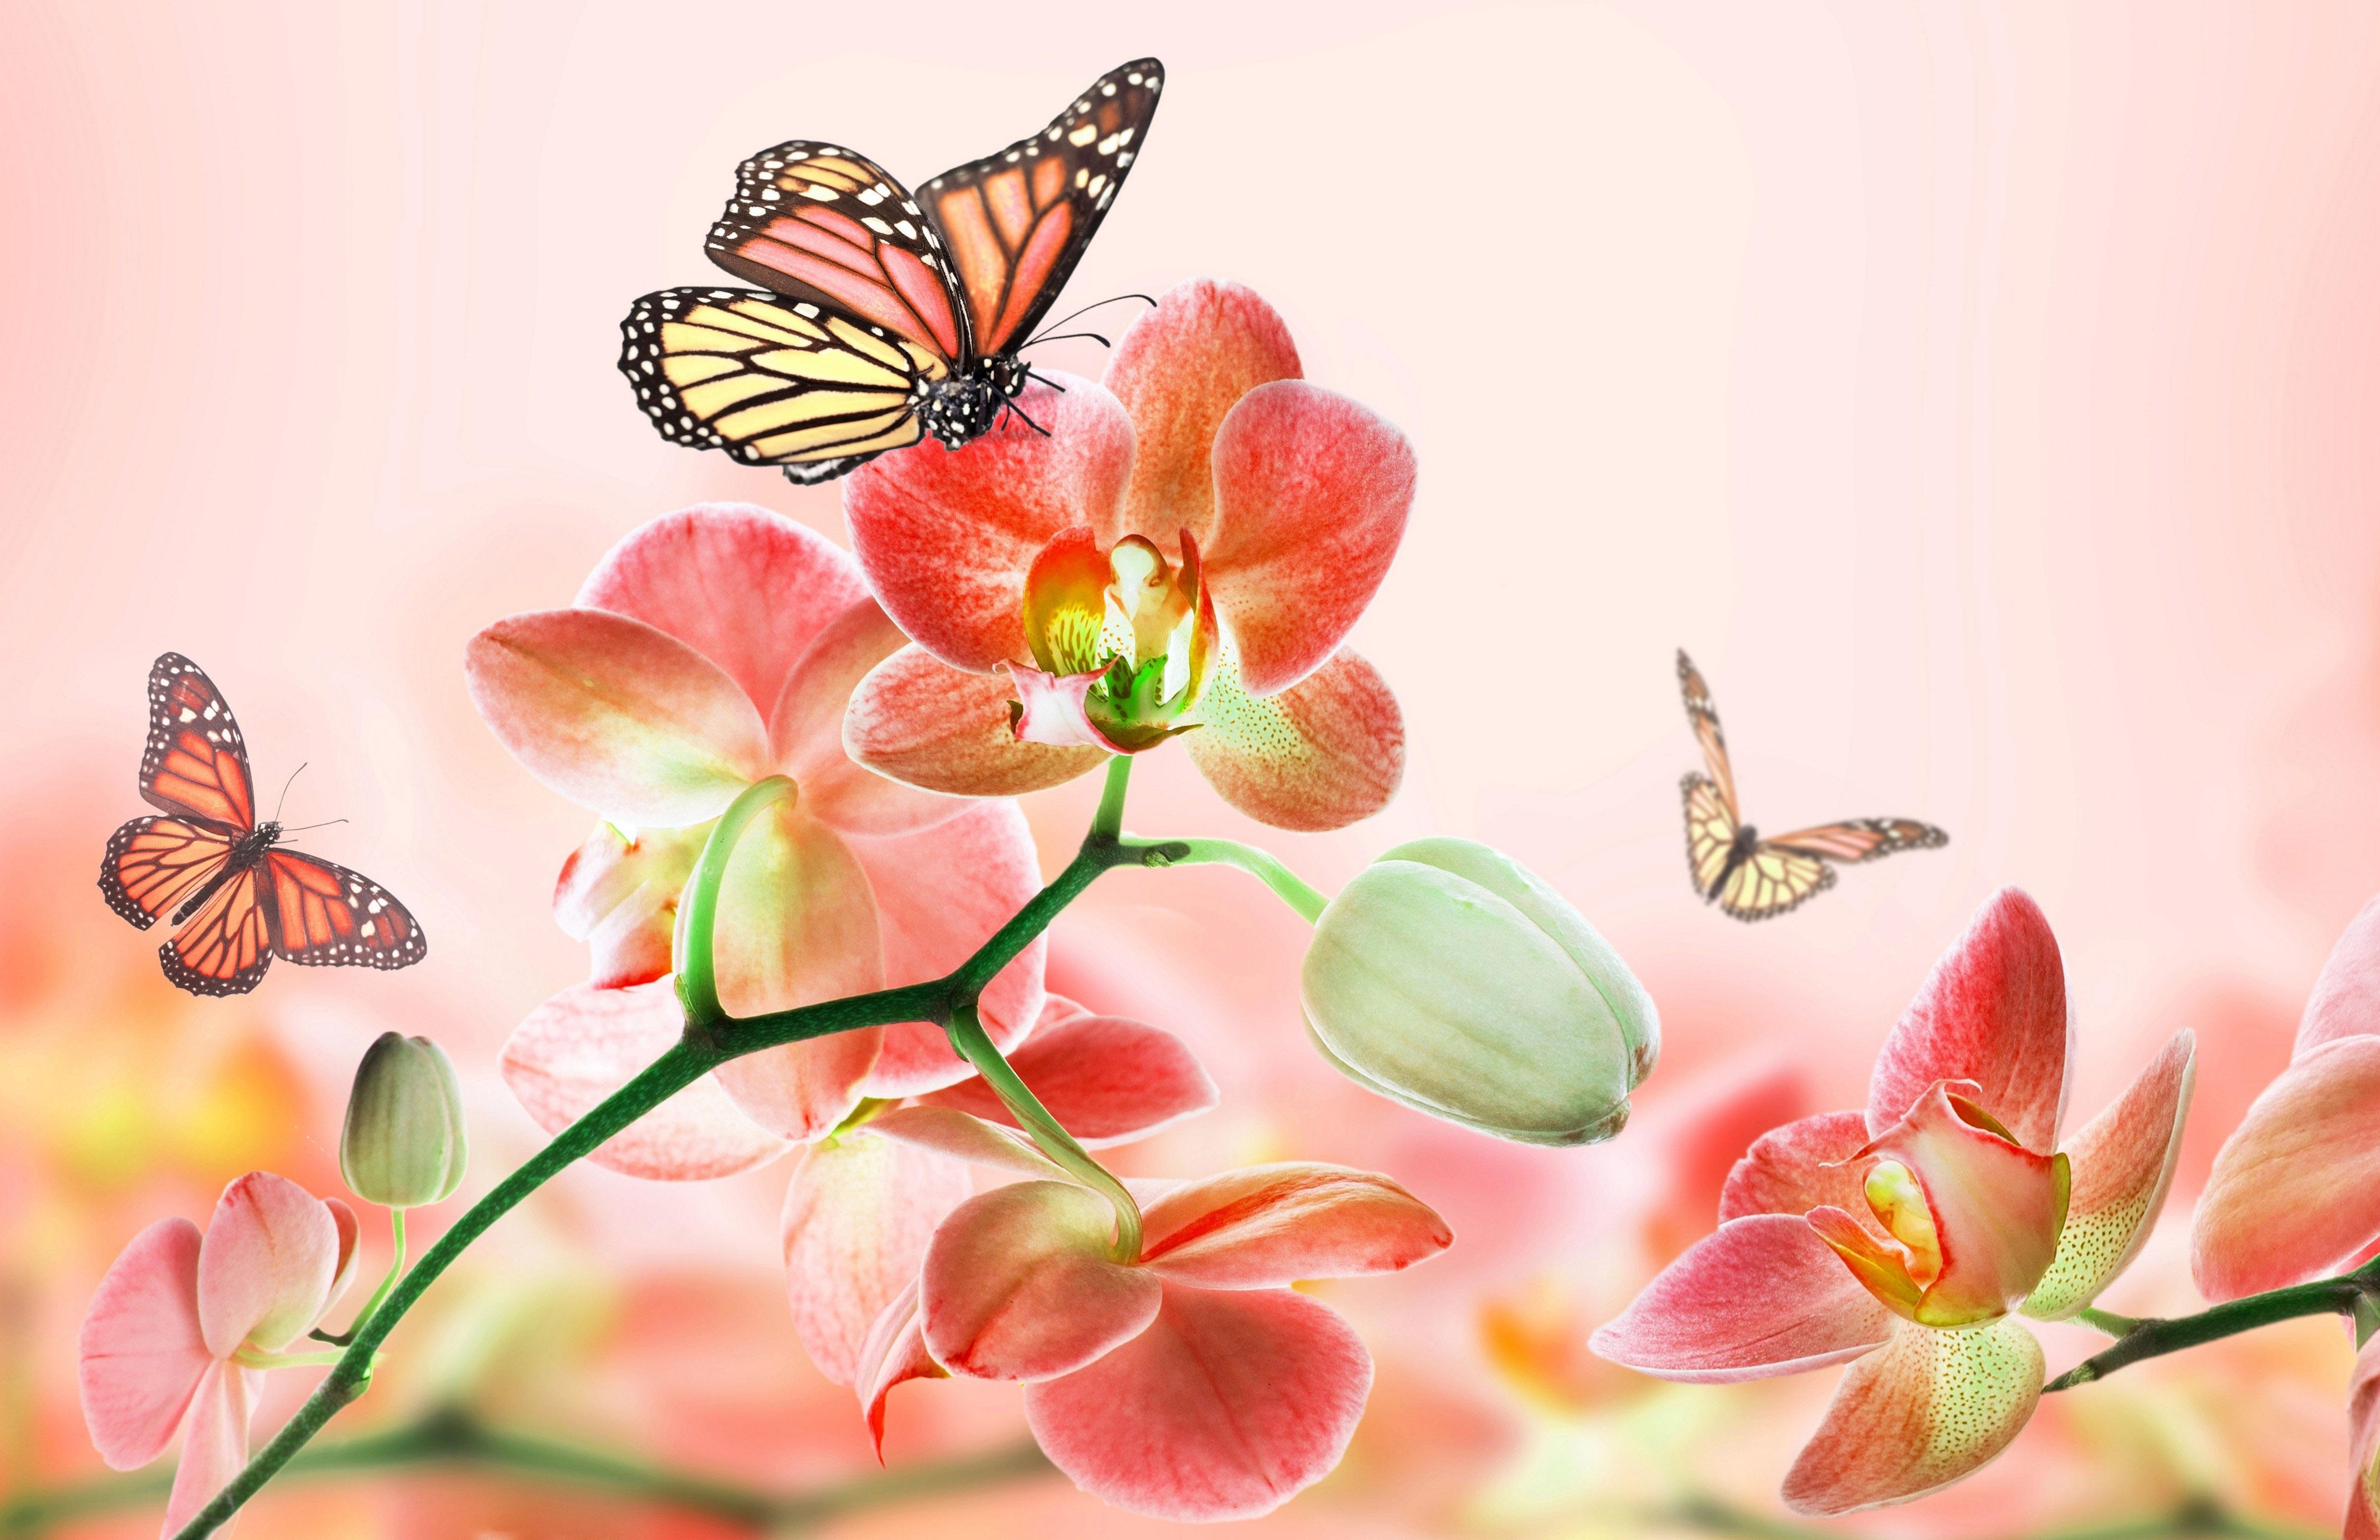 Обои фотошоп бабочки розовый фон